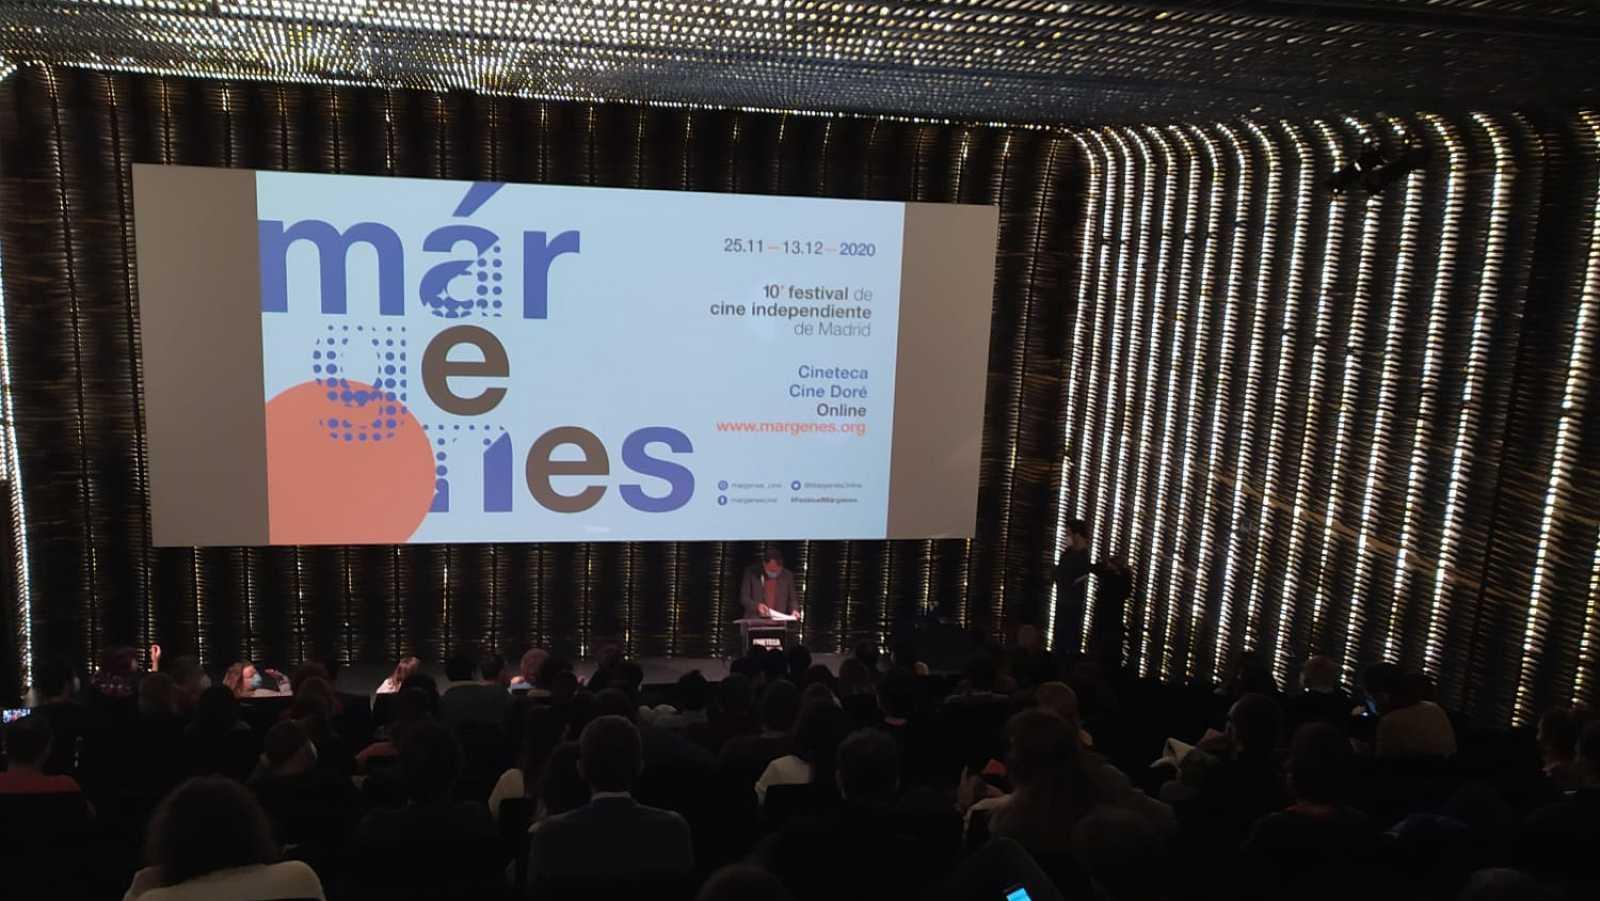 Artesfera - El festival Márgenes cumple 10 años apostando por las nuevas narrativas audiovisuales iberoamericanas - 30/11/20 - Escuchar ahora